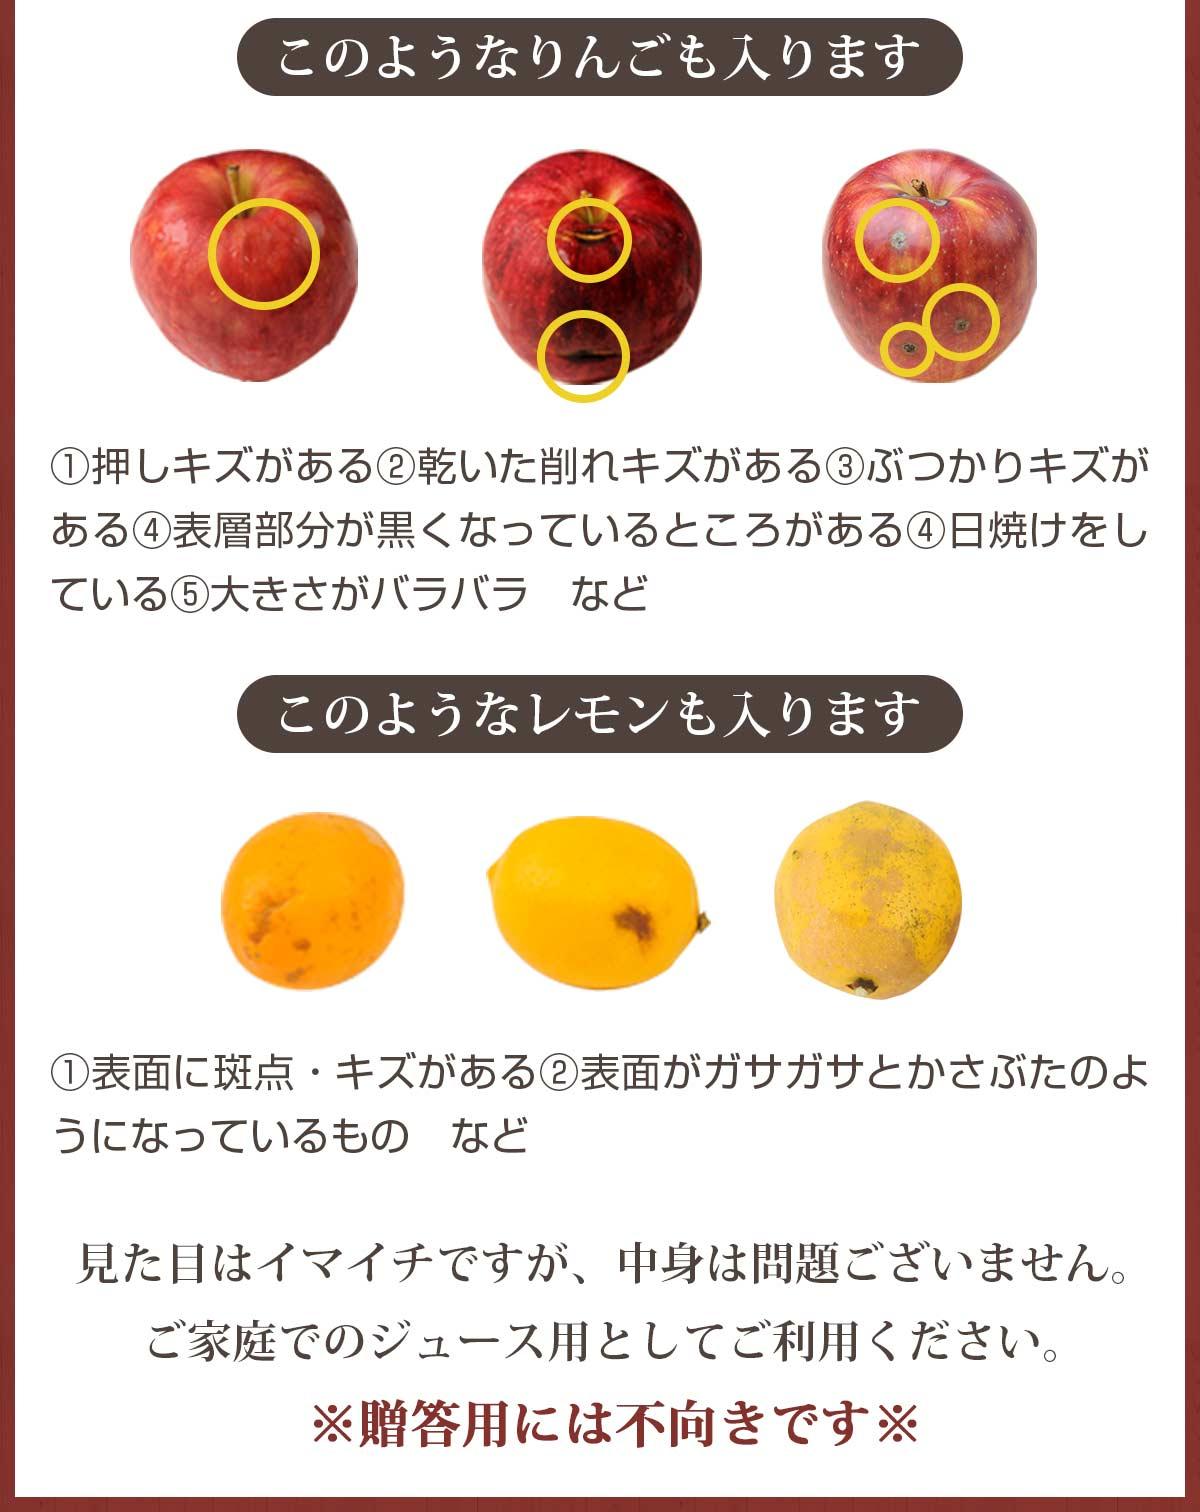 規格外品のりんご・レモン